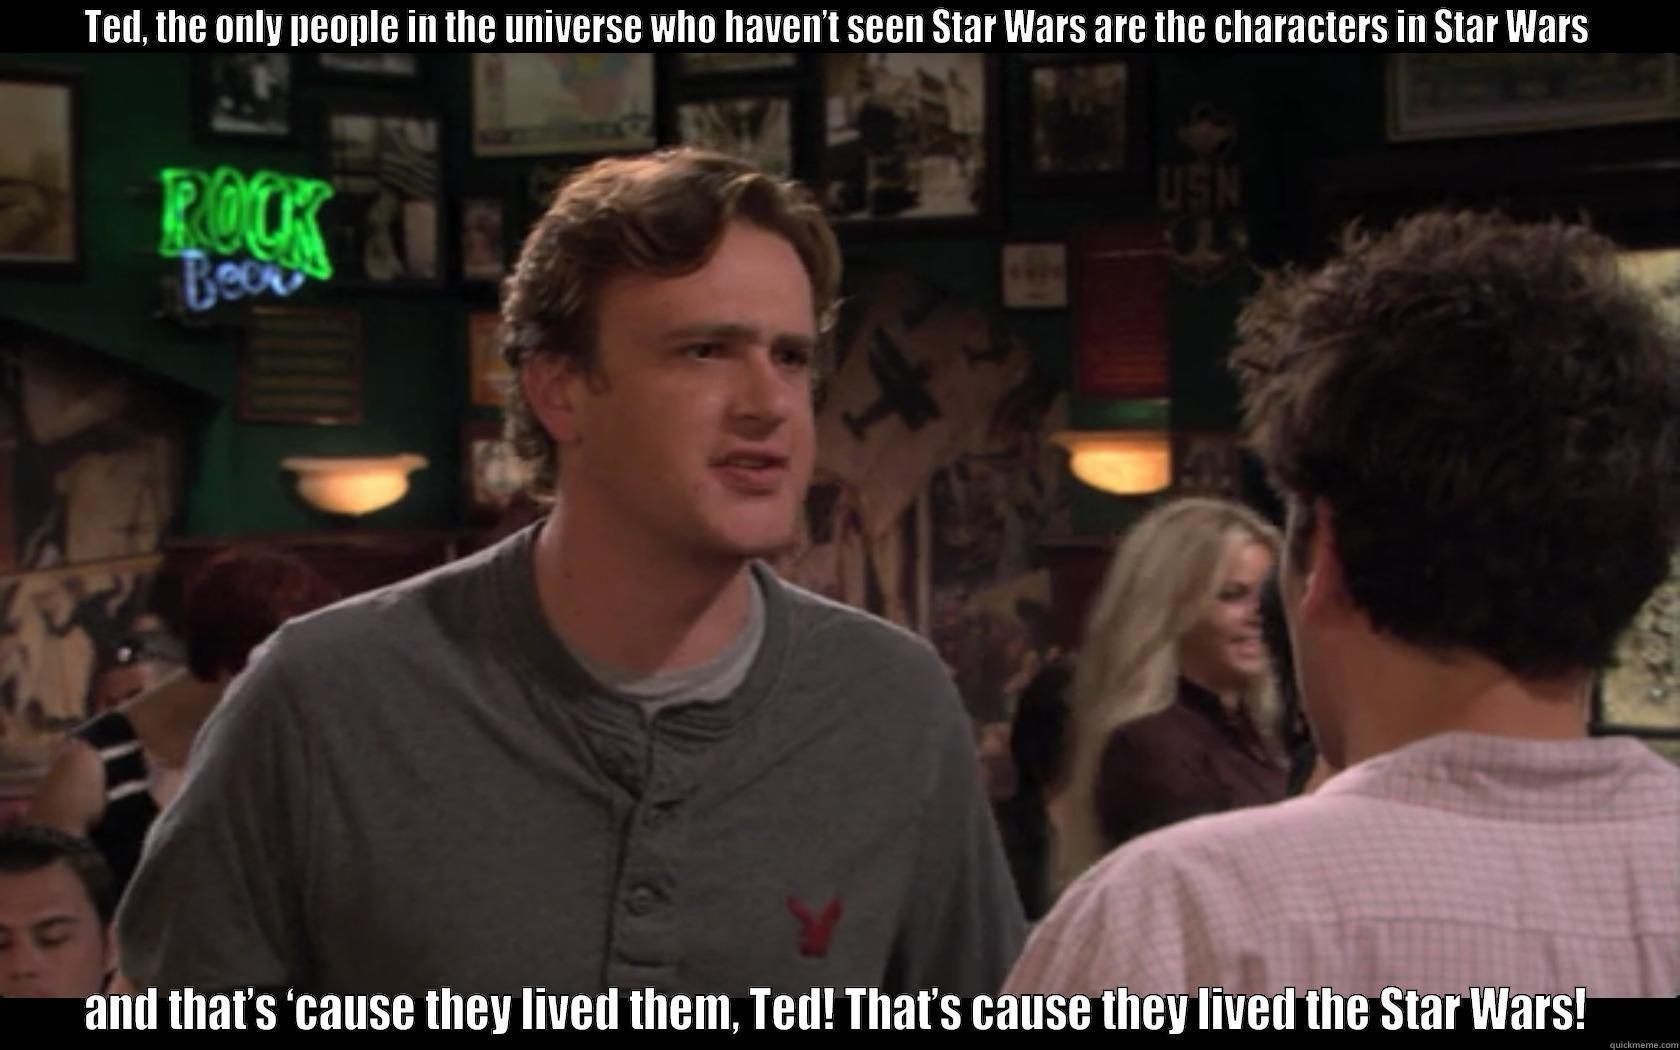 a719da898566ed9182a264be57d81abfe7b6865d66105e95d3c6791880919161 she's never seen star wars? quickmeme